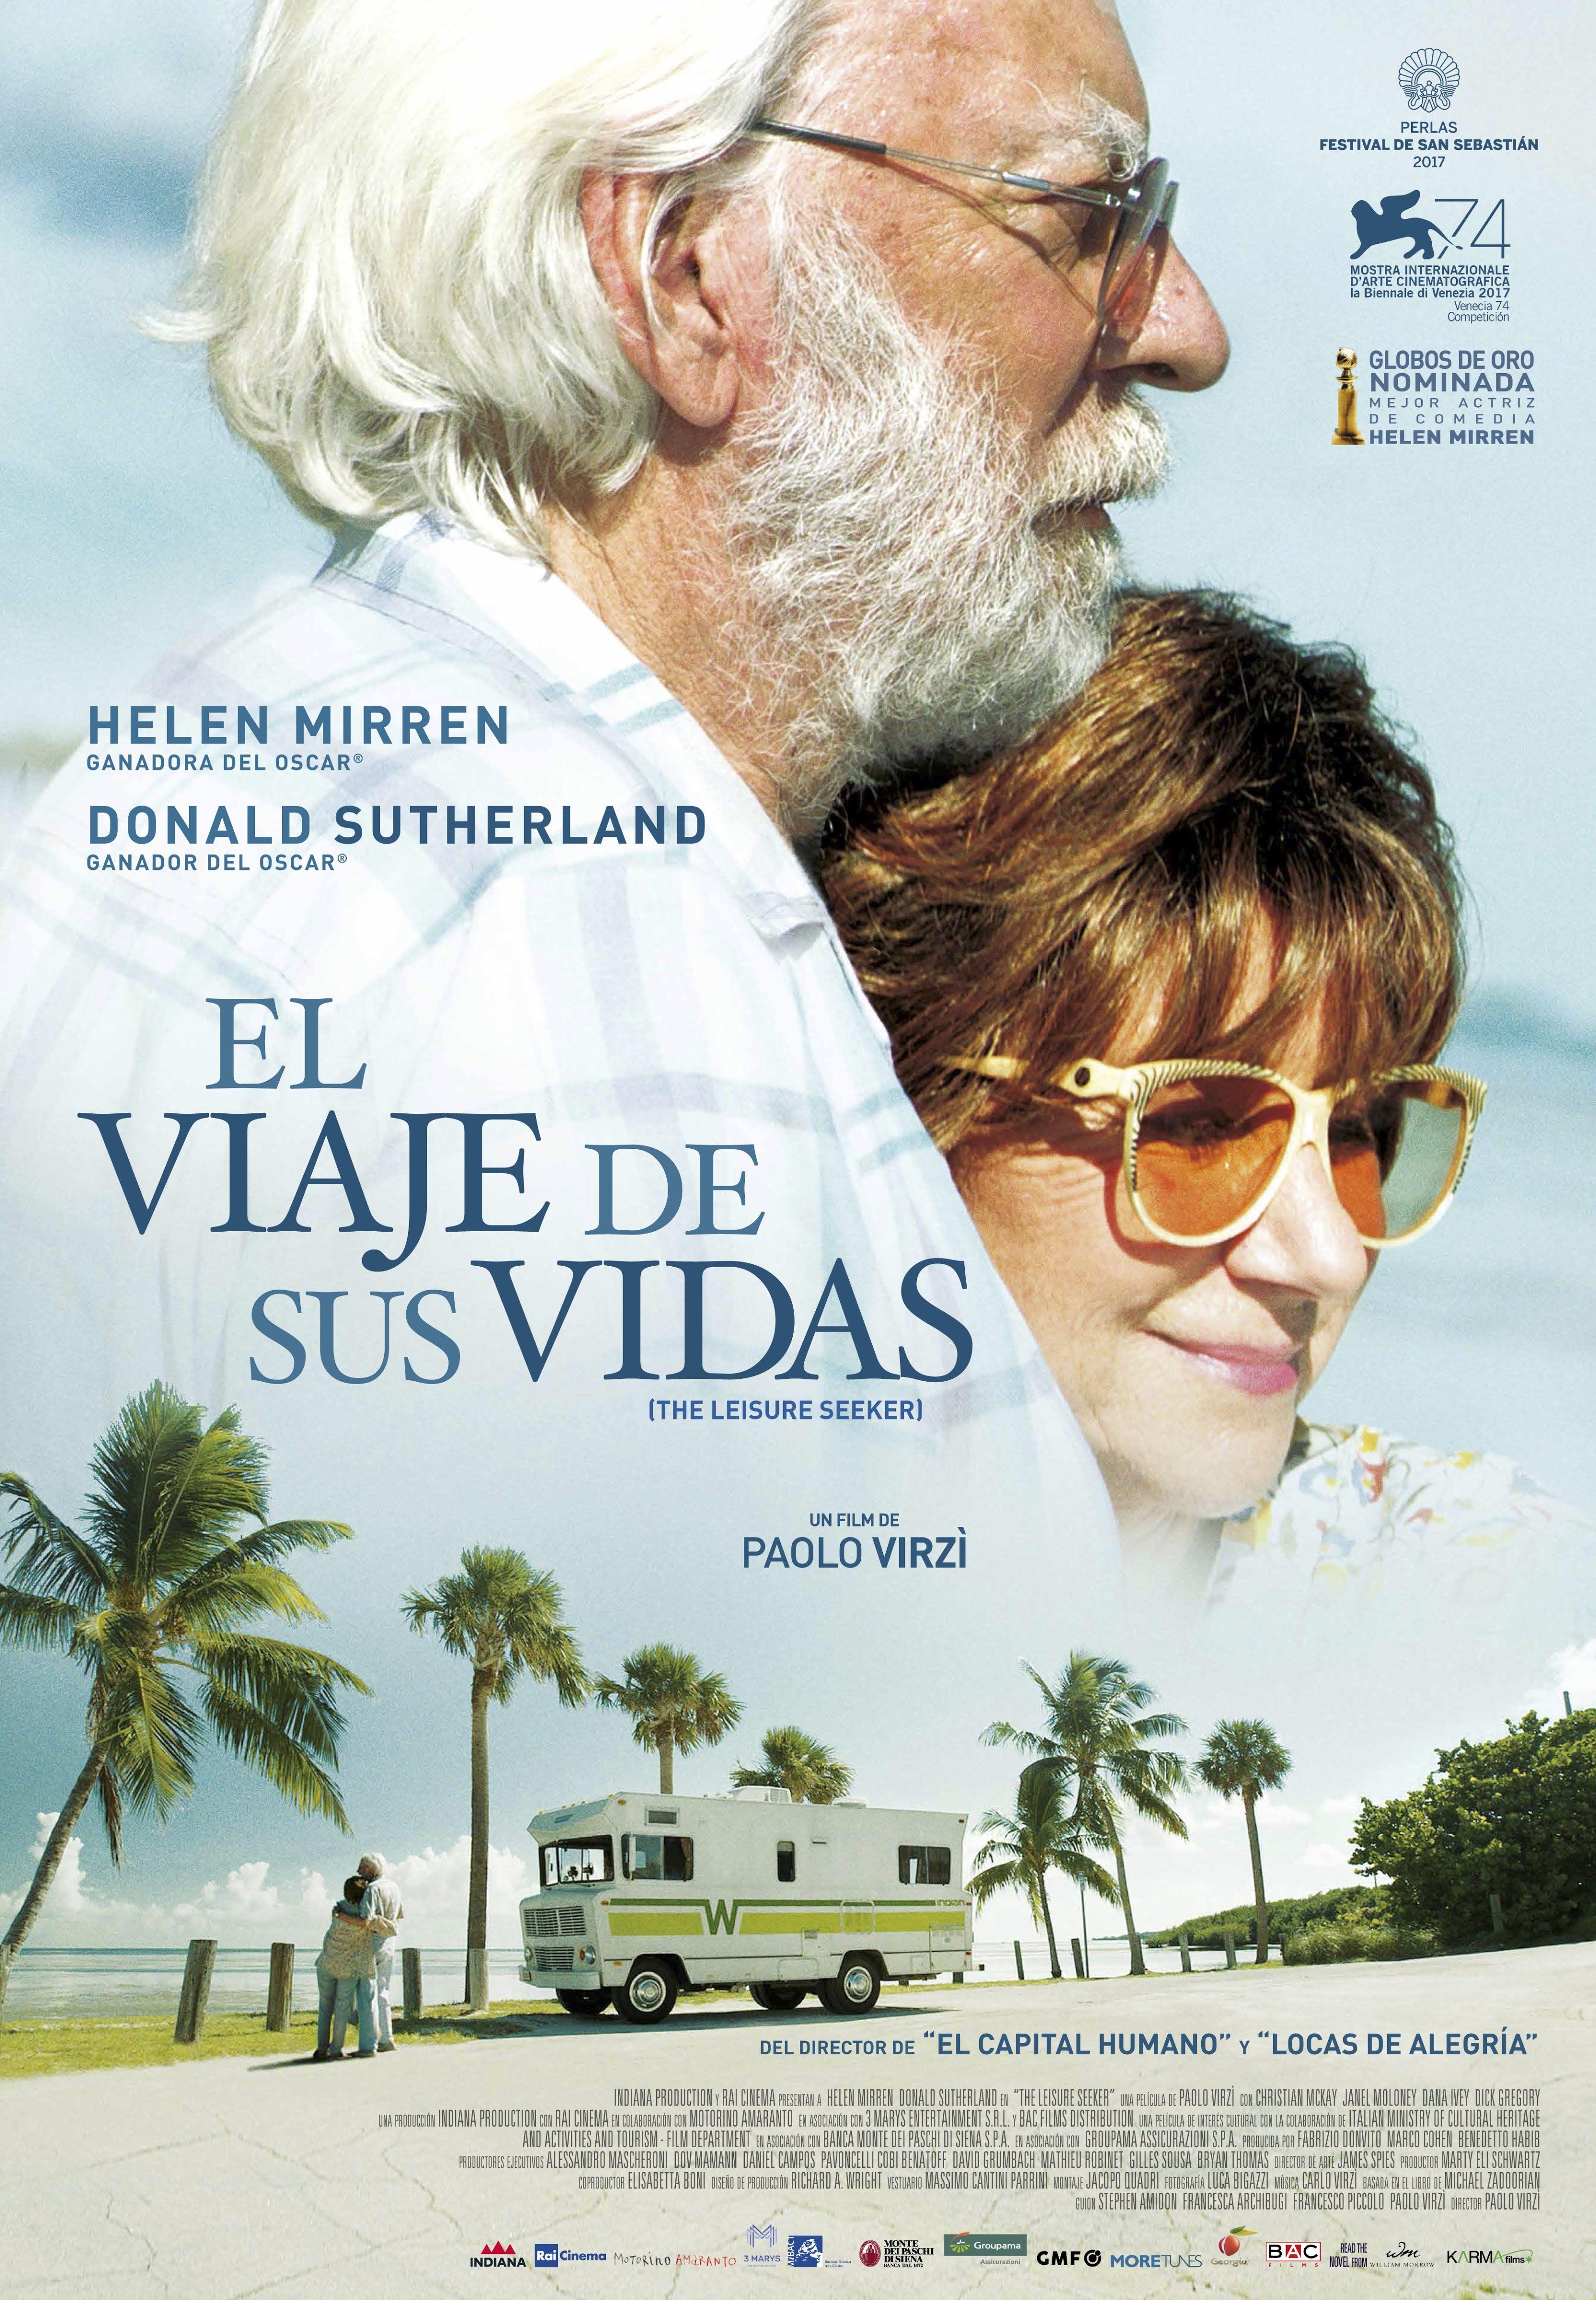 El viaje de sus vidas Peliculas en estreno, Películas